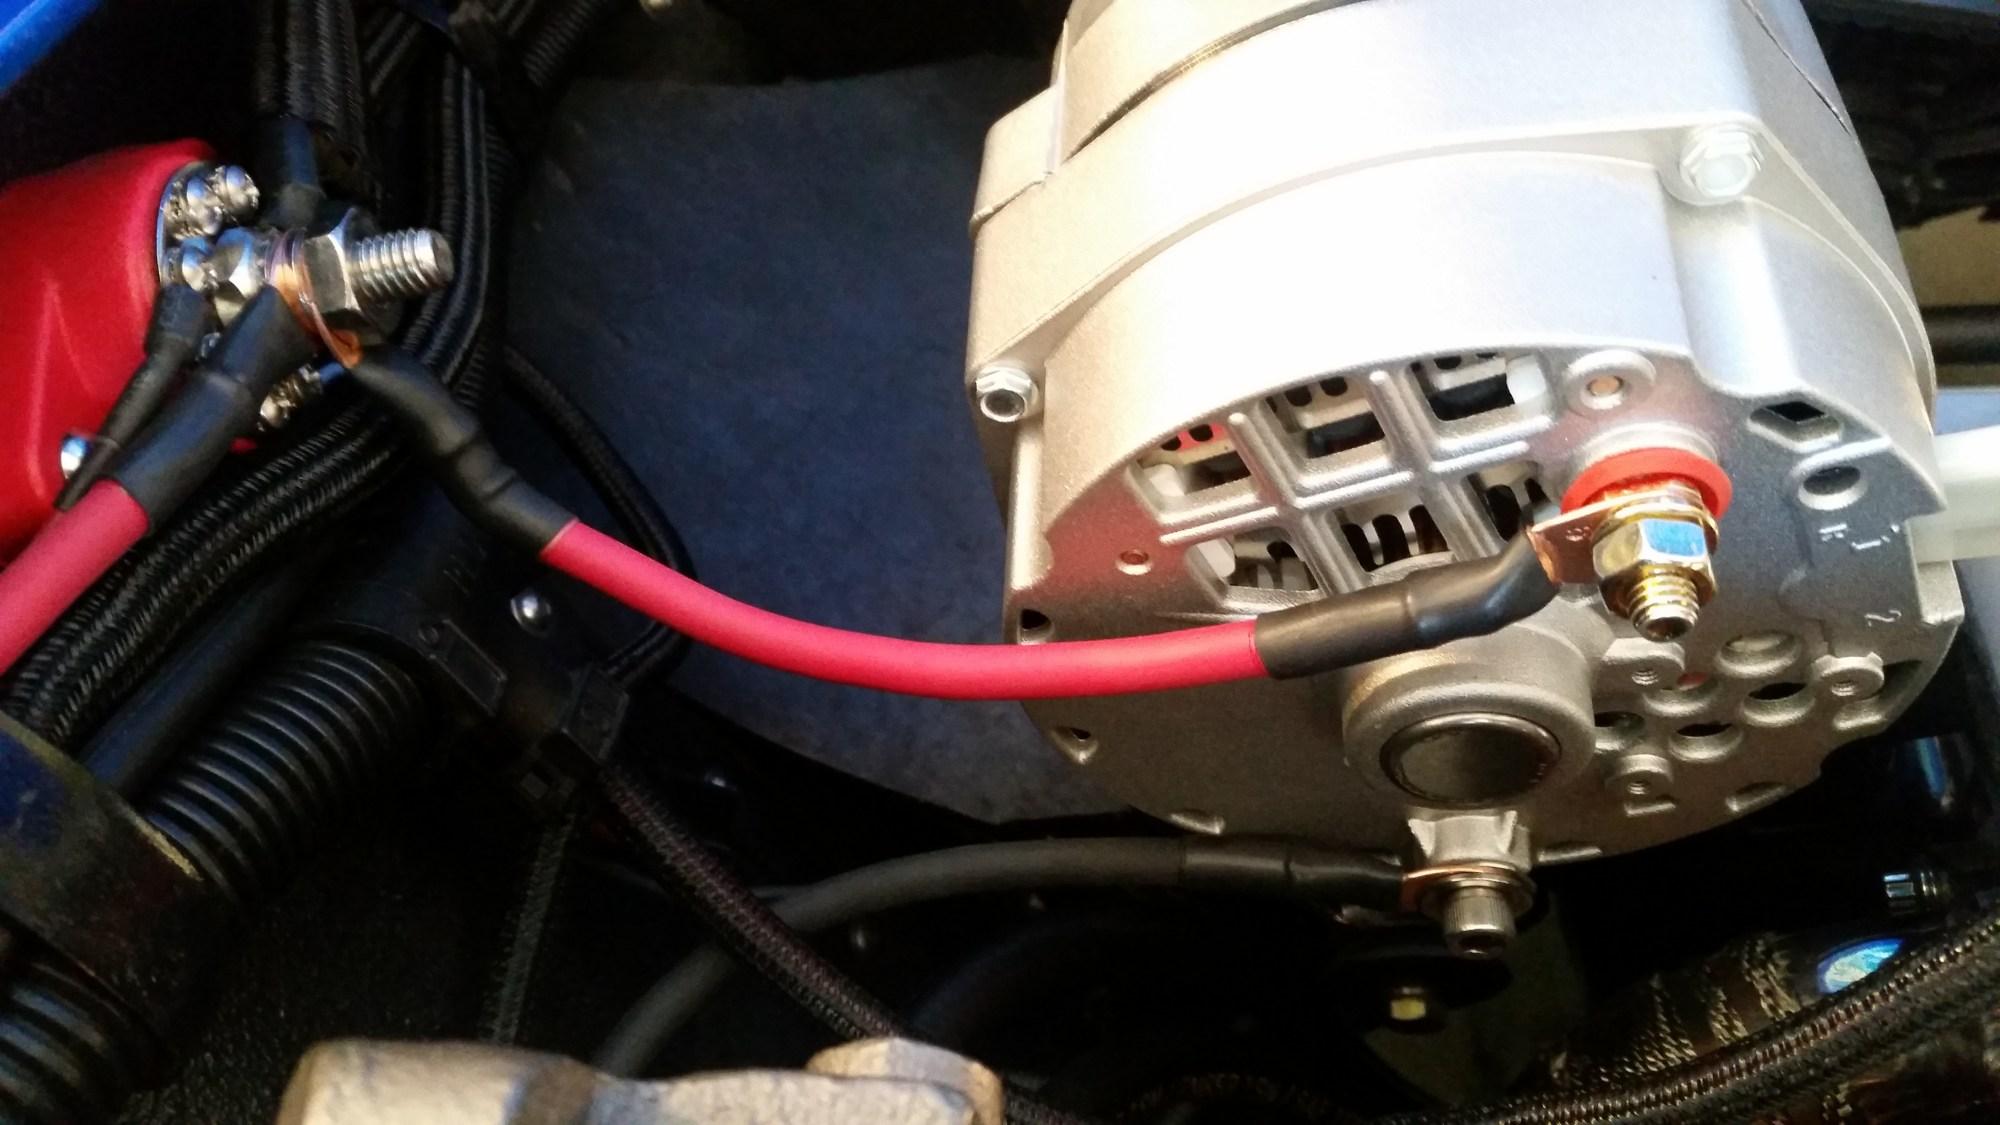 hight resolution of alternator extremely hot corvetteforum chevrolet corvette delco alternator wiring in mechanical matters v forum